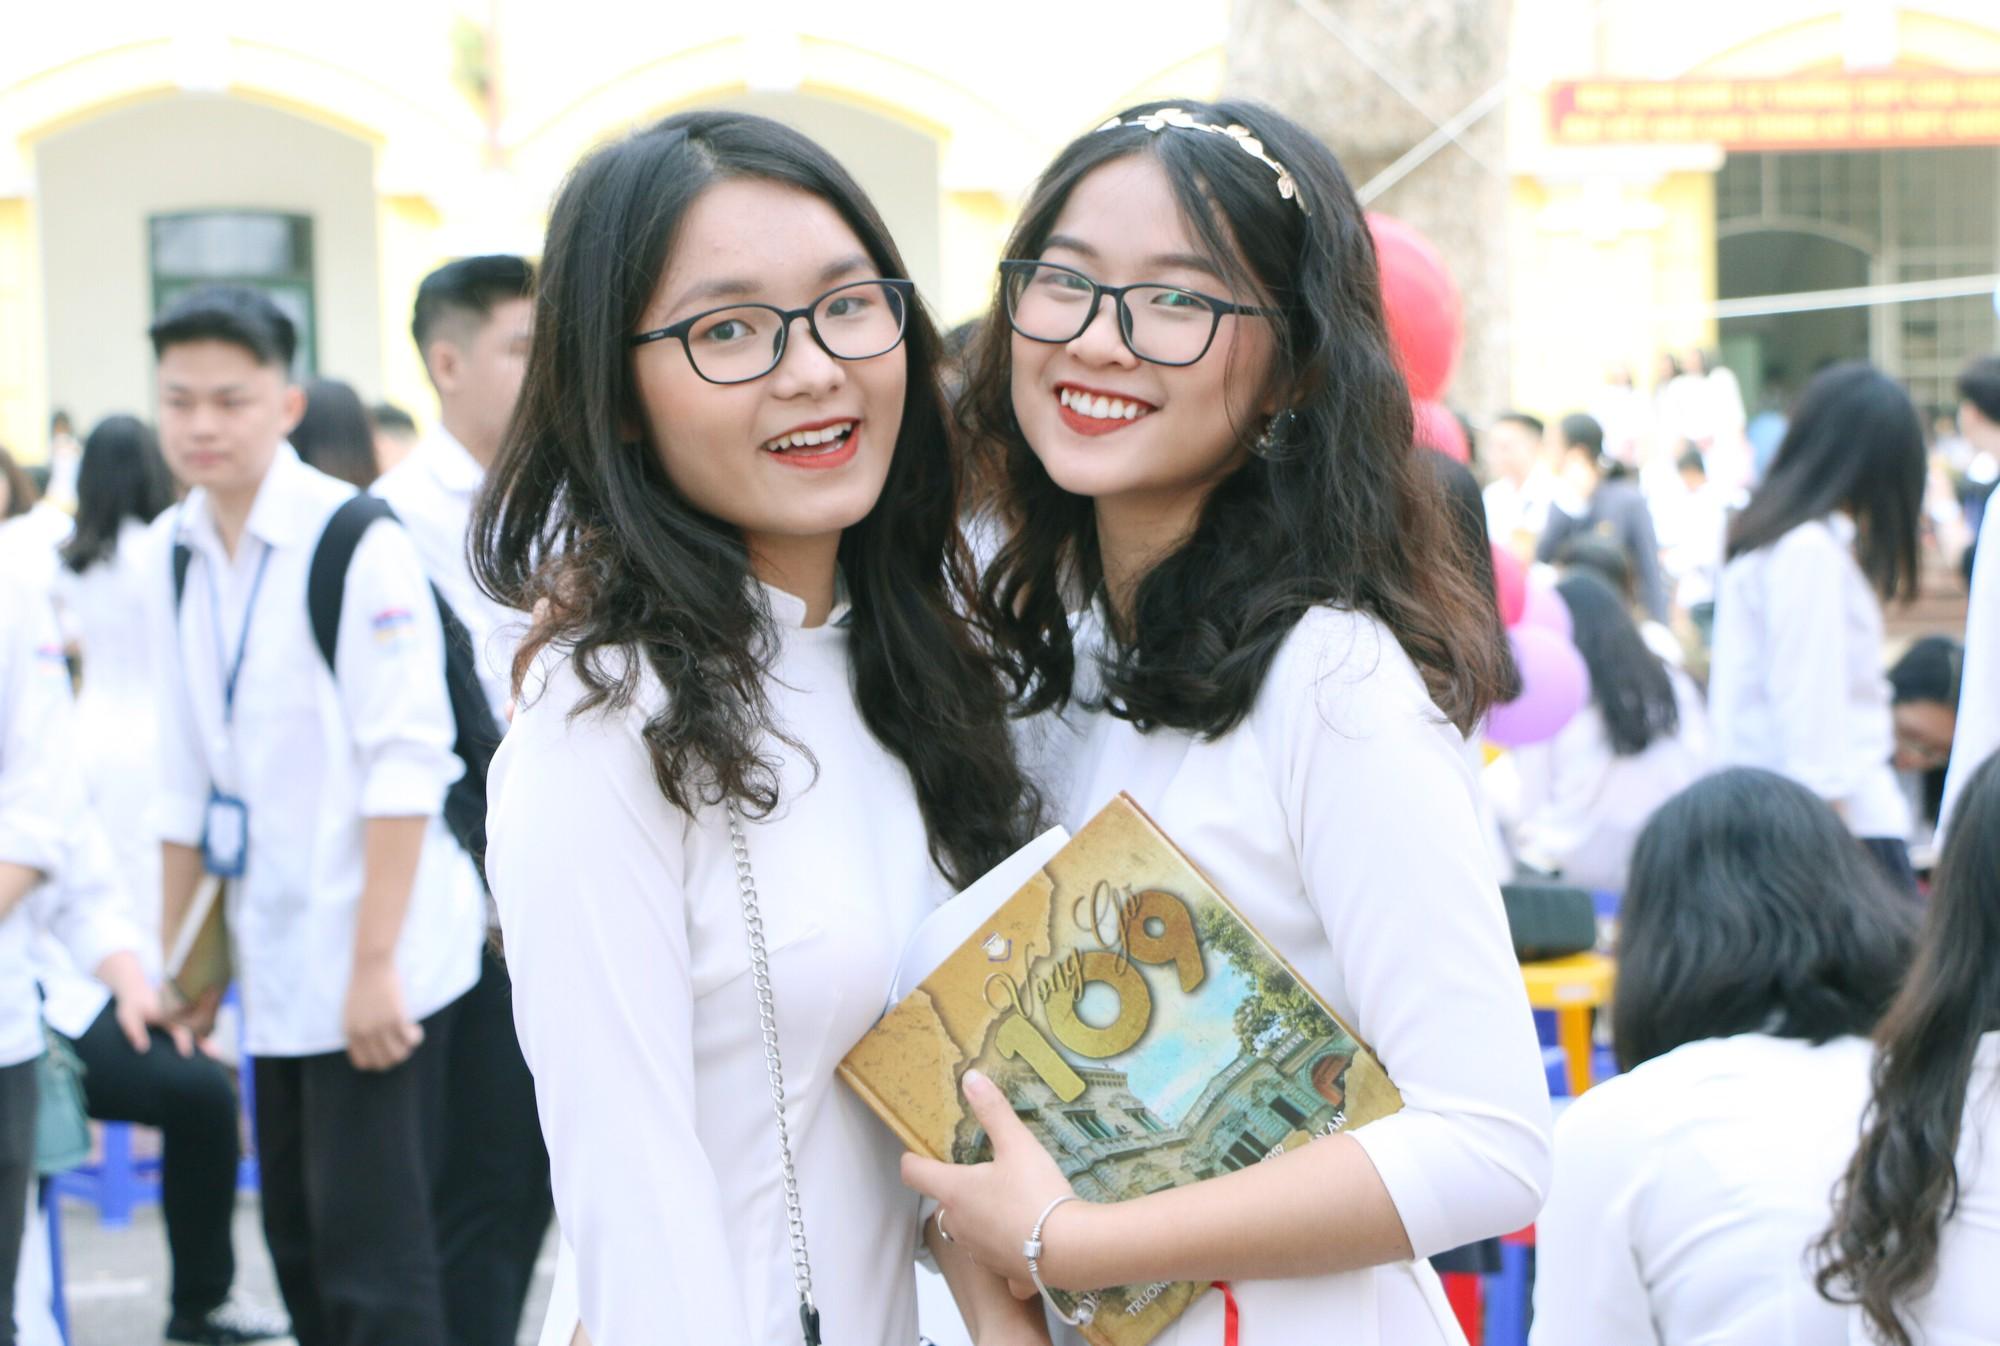 Ngắm nữ sinh Trường Chu Văn An duyên dáng, đẹp tinh khôi trong ngày bế giảng - Ảnh 3.